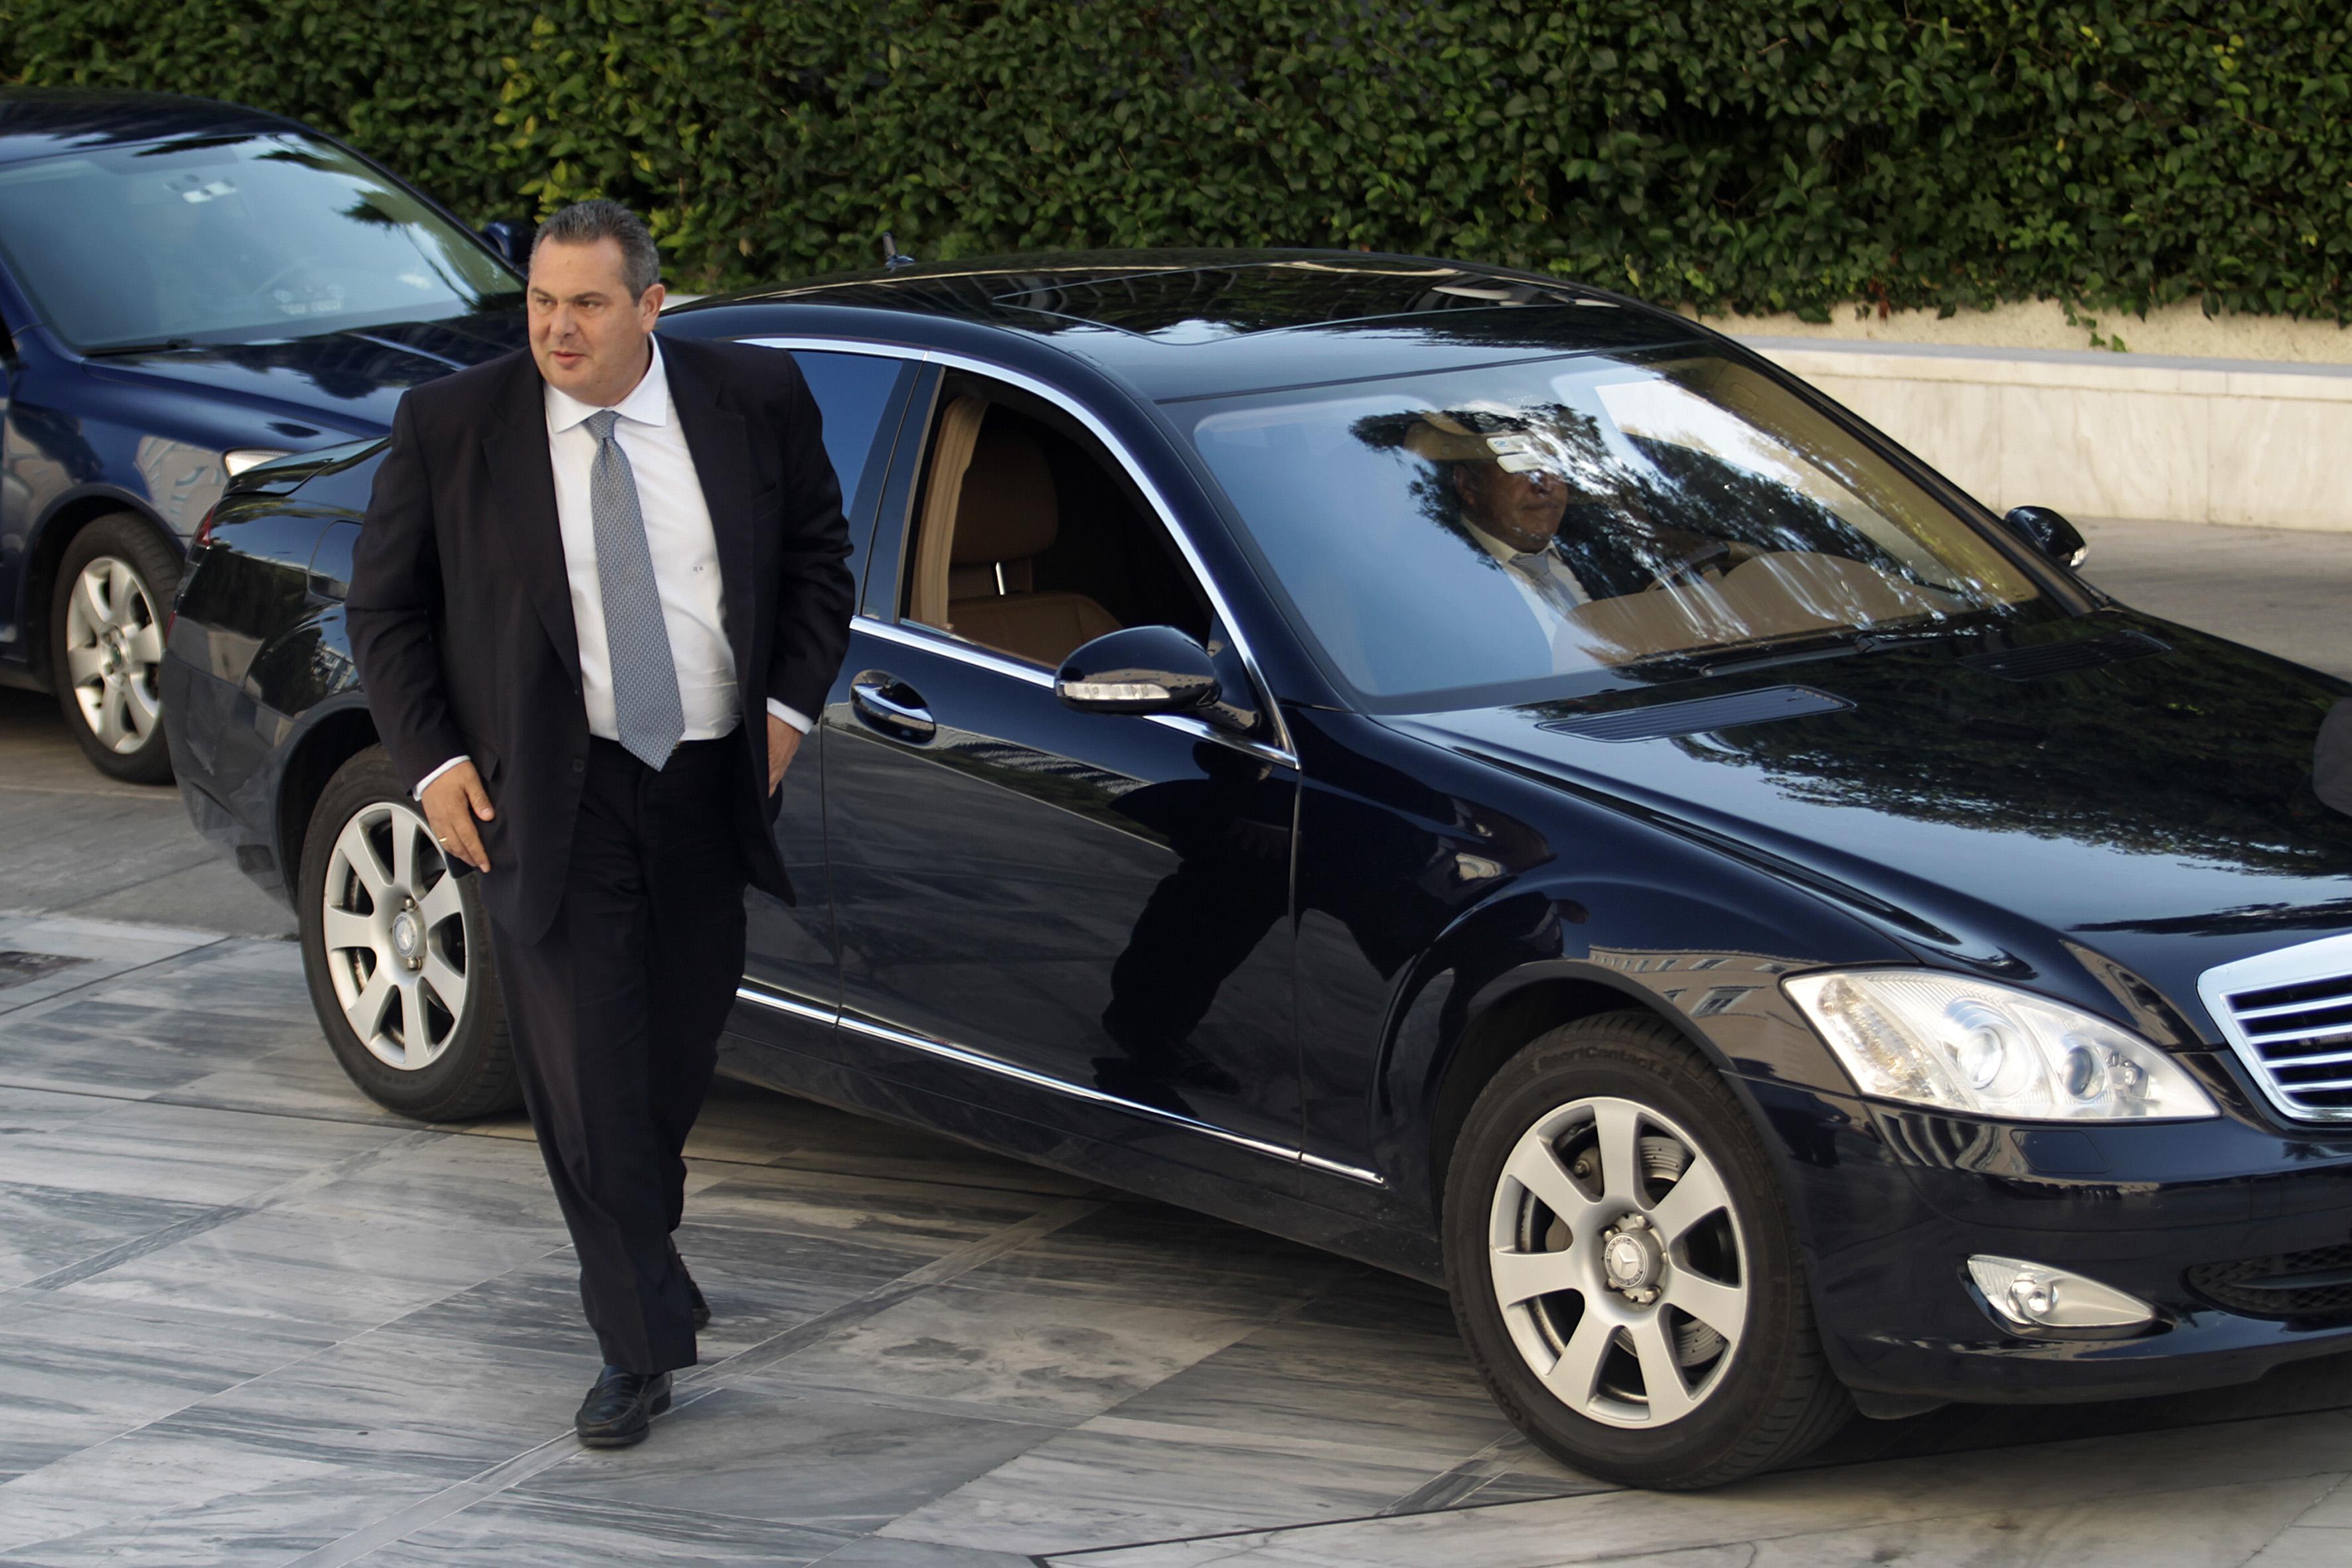 Αποτέλεσμα εικόνας για Καμμενος Mercedes